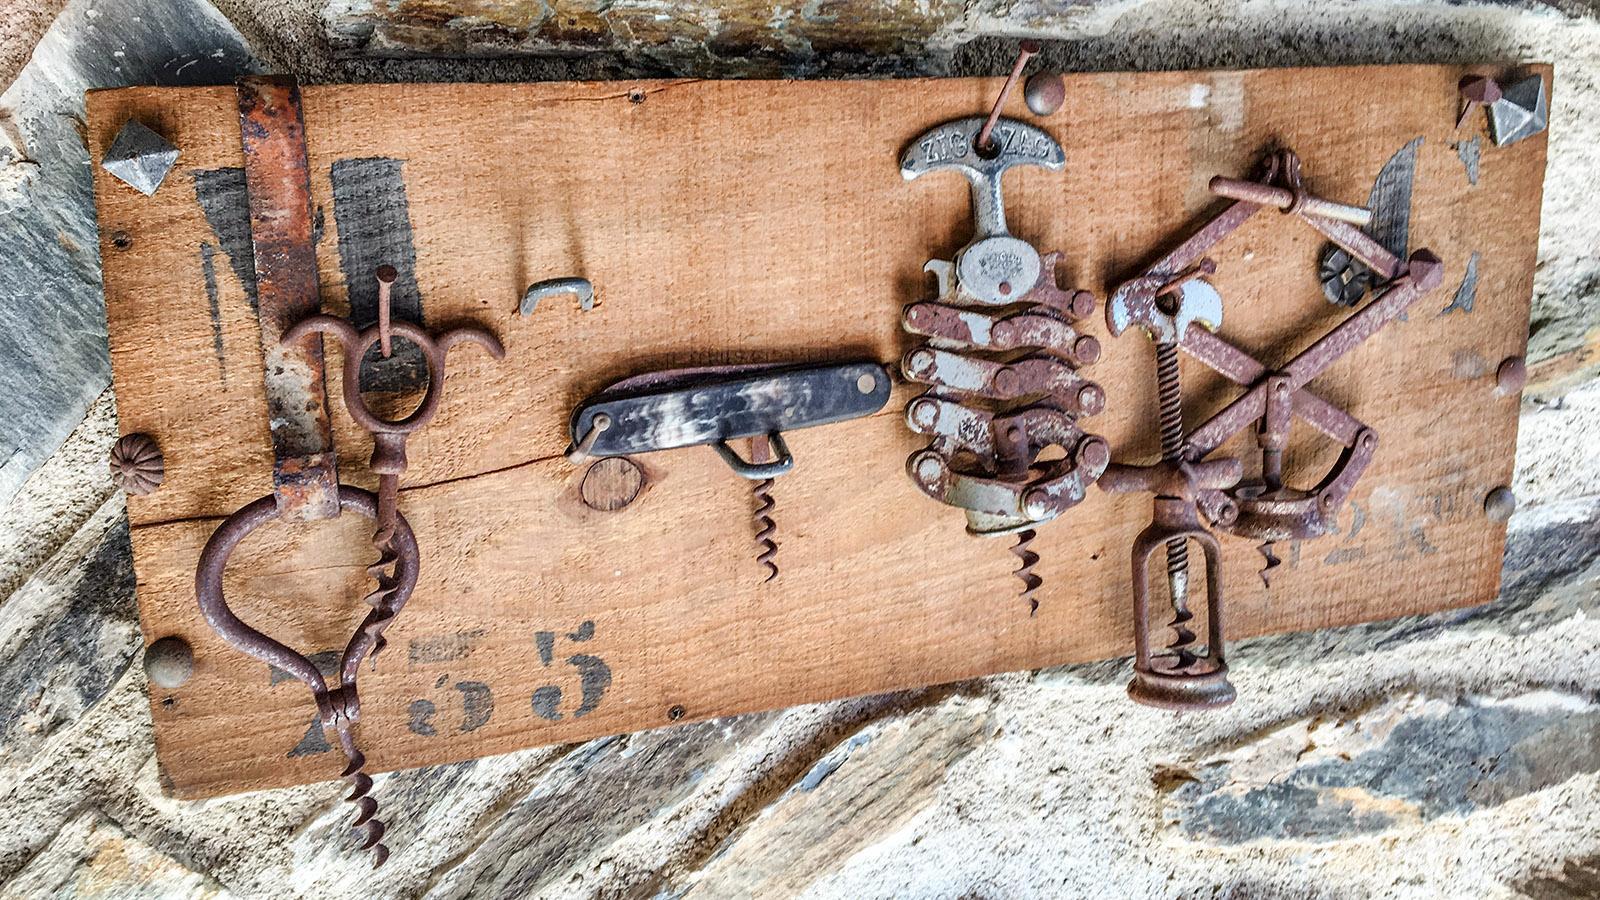 Fundstücke vom Flohmarkt schmücken die Ferienwohnung in der alten Wassermühle. Foto: Hilke Maunder